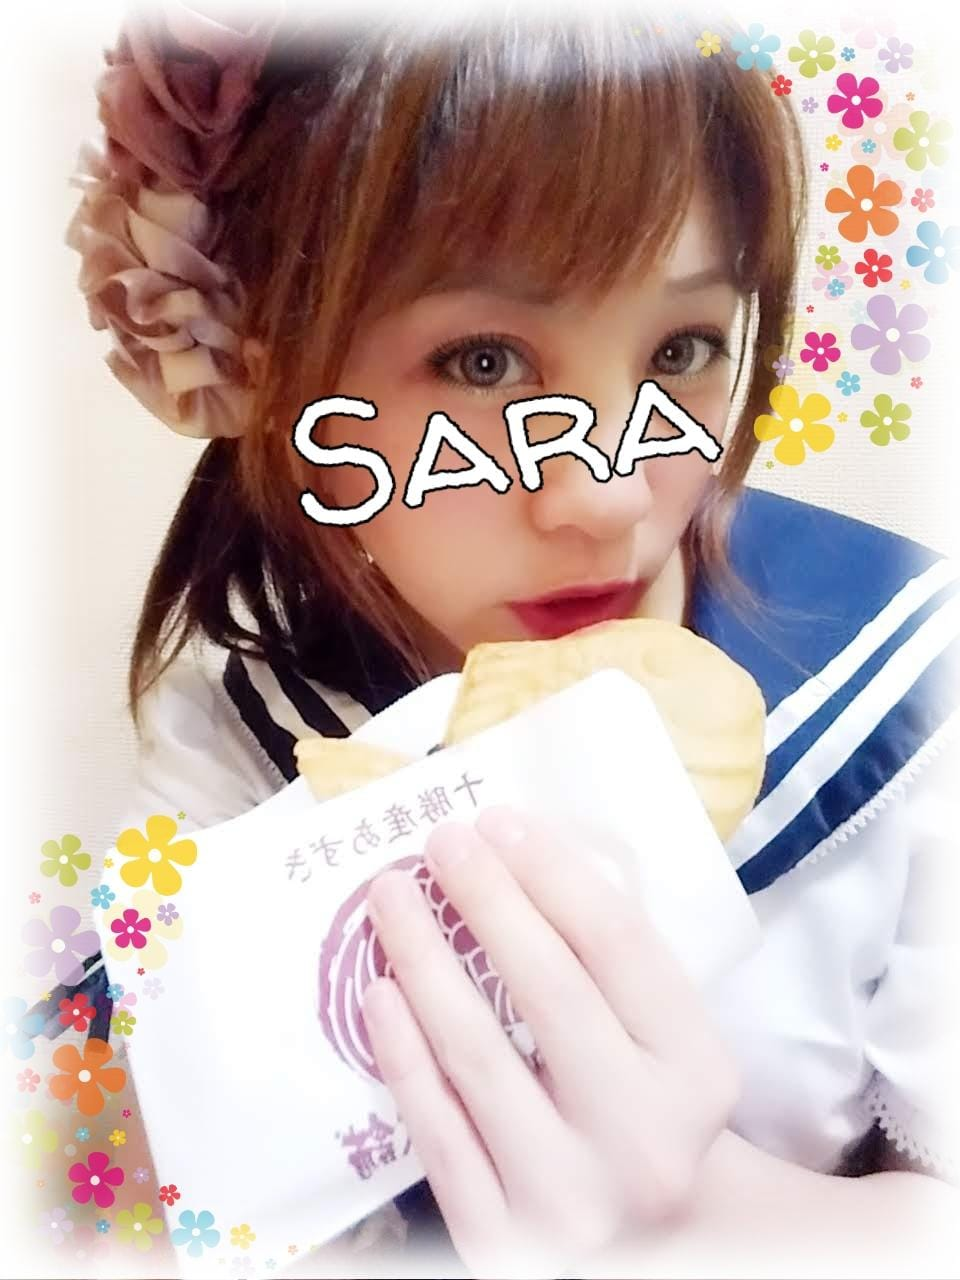 「★☆SARA☆★」08/12(水) 17:10 | さらの写メ・風俗動画